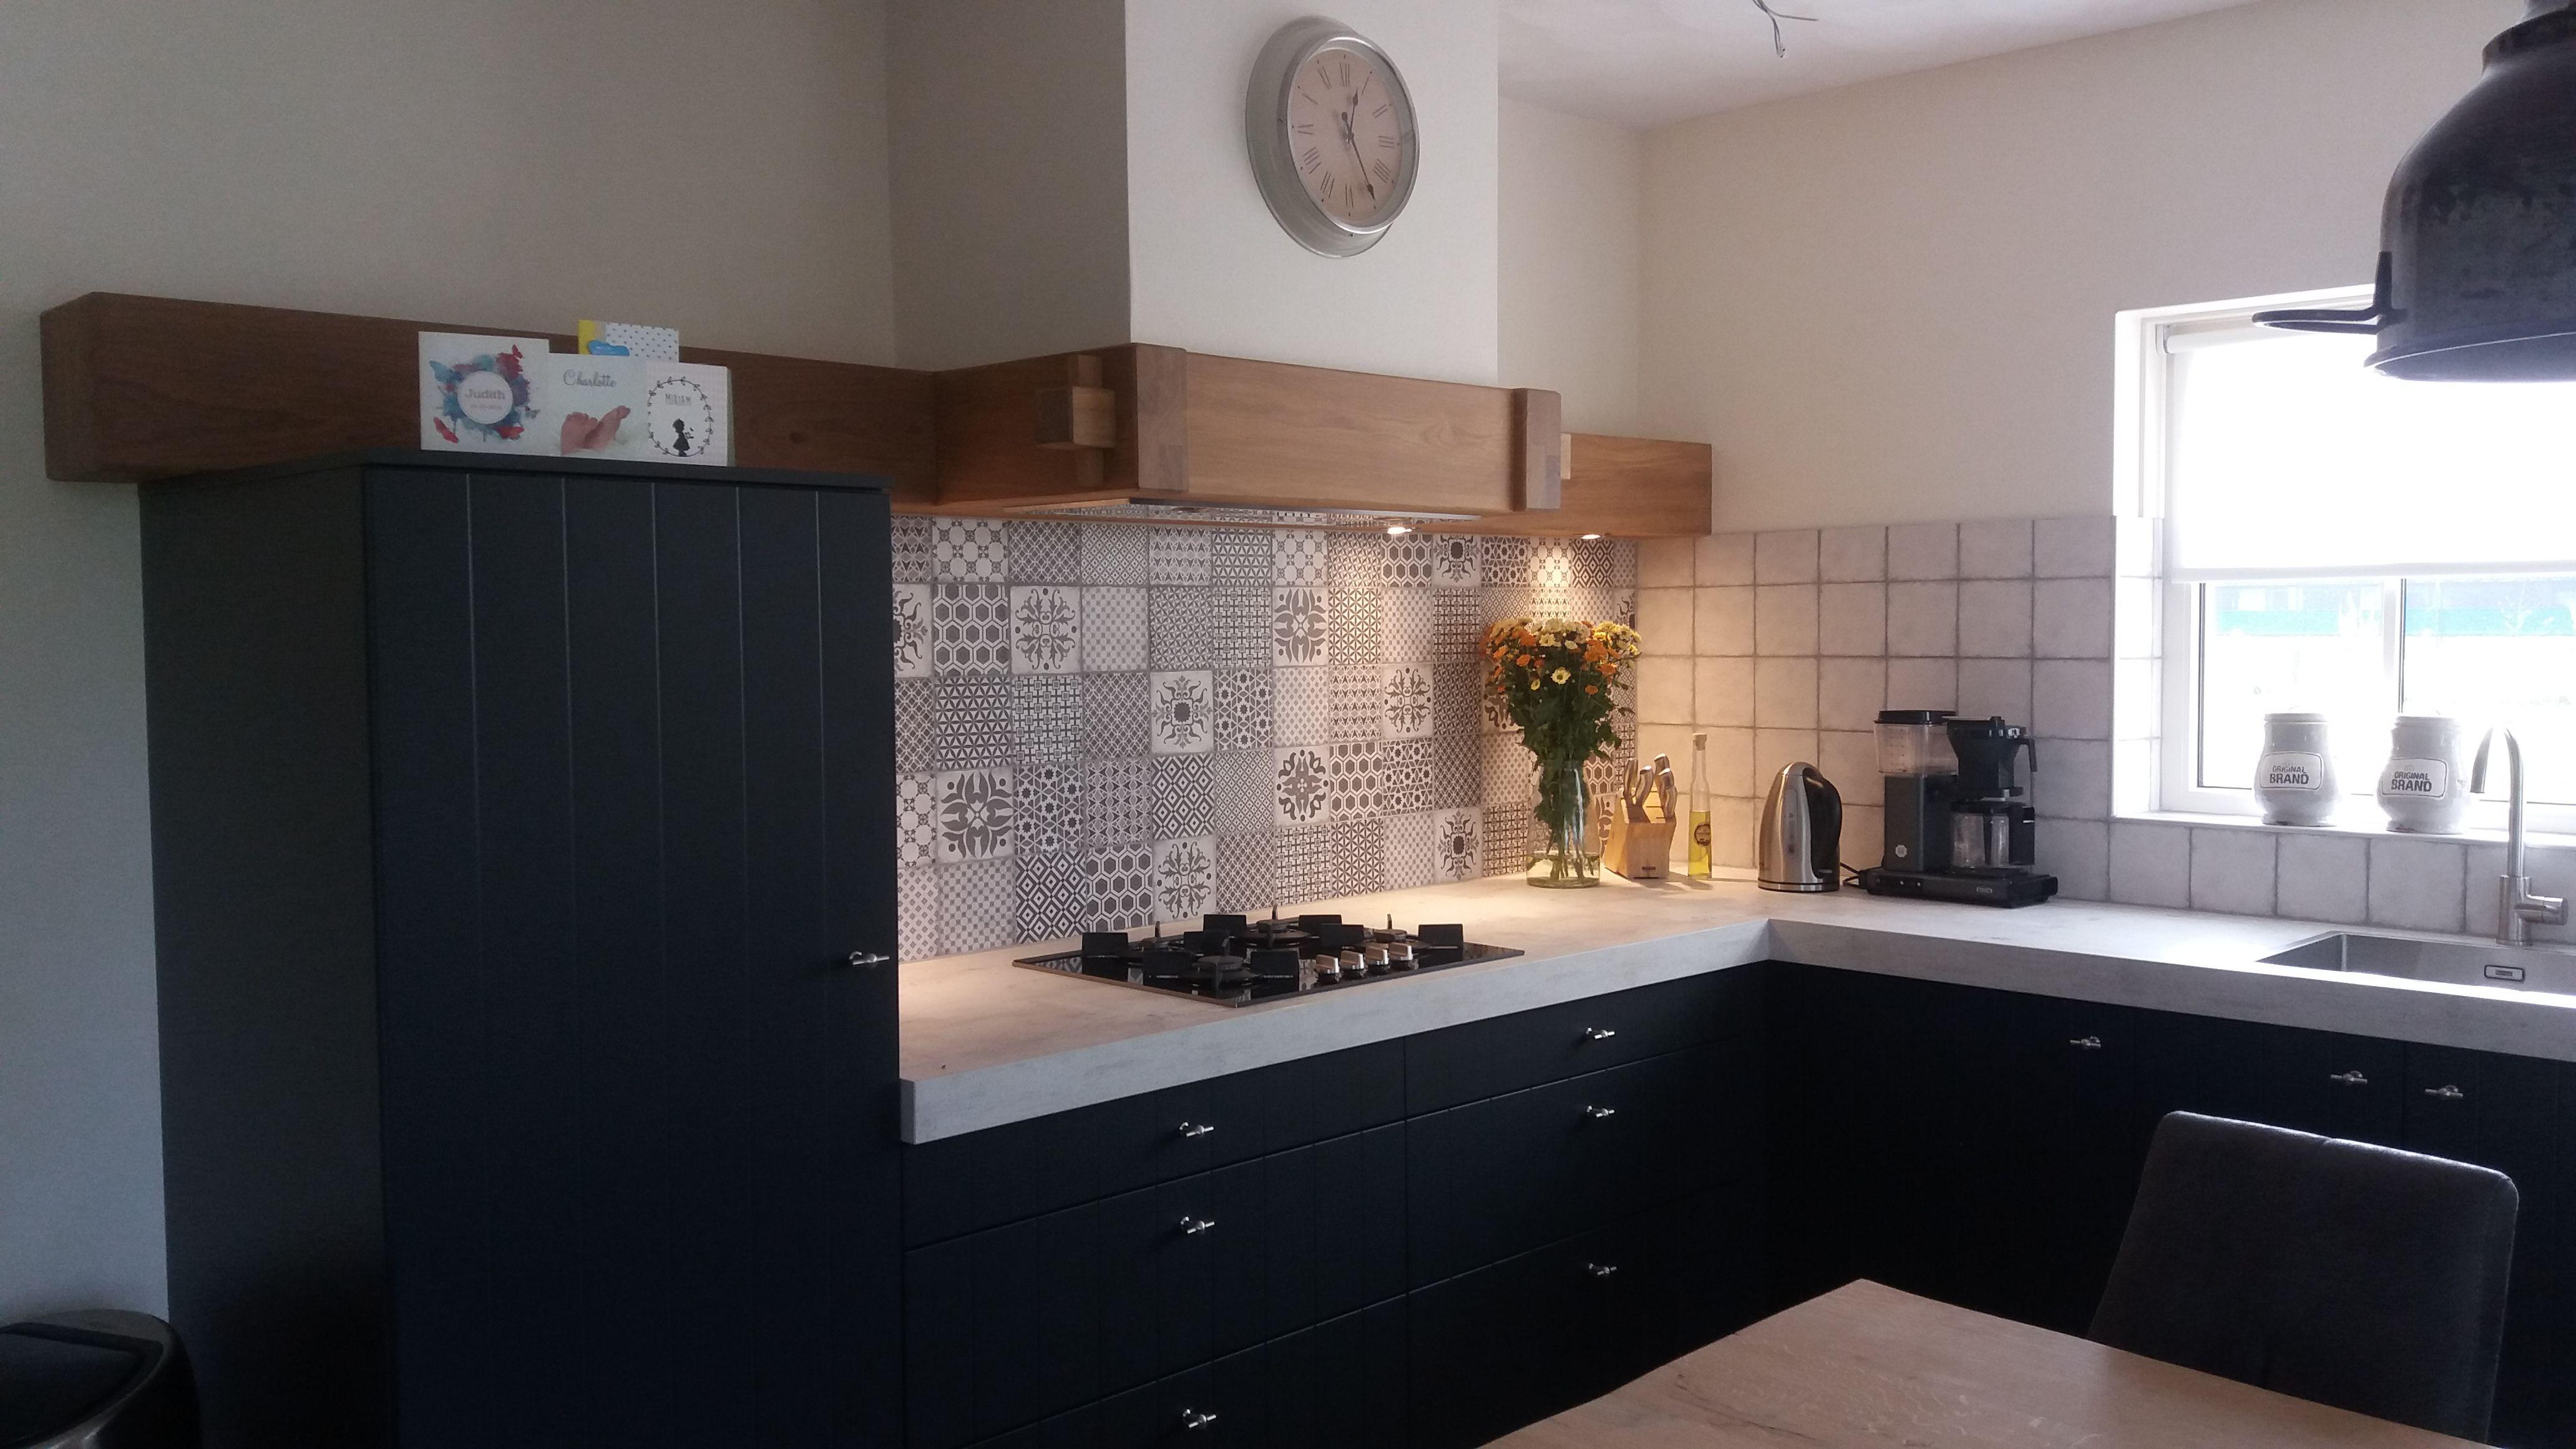 Keuken Schouw Tegels : Mooie combinatie van tegels schouw blad en keuken. de schouw is